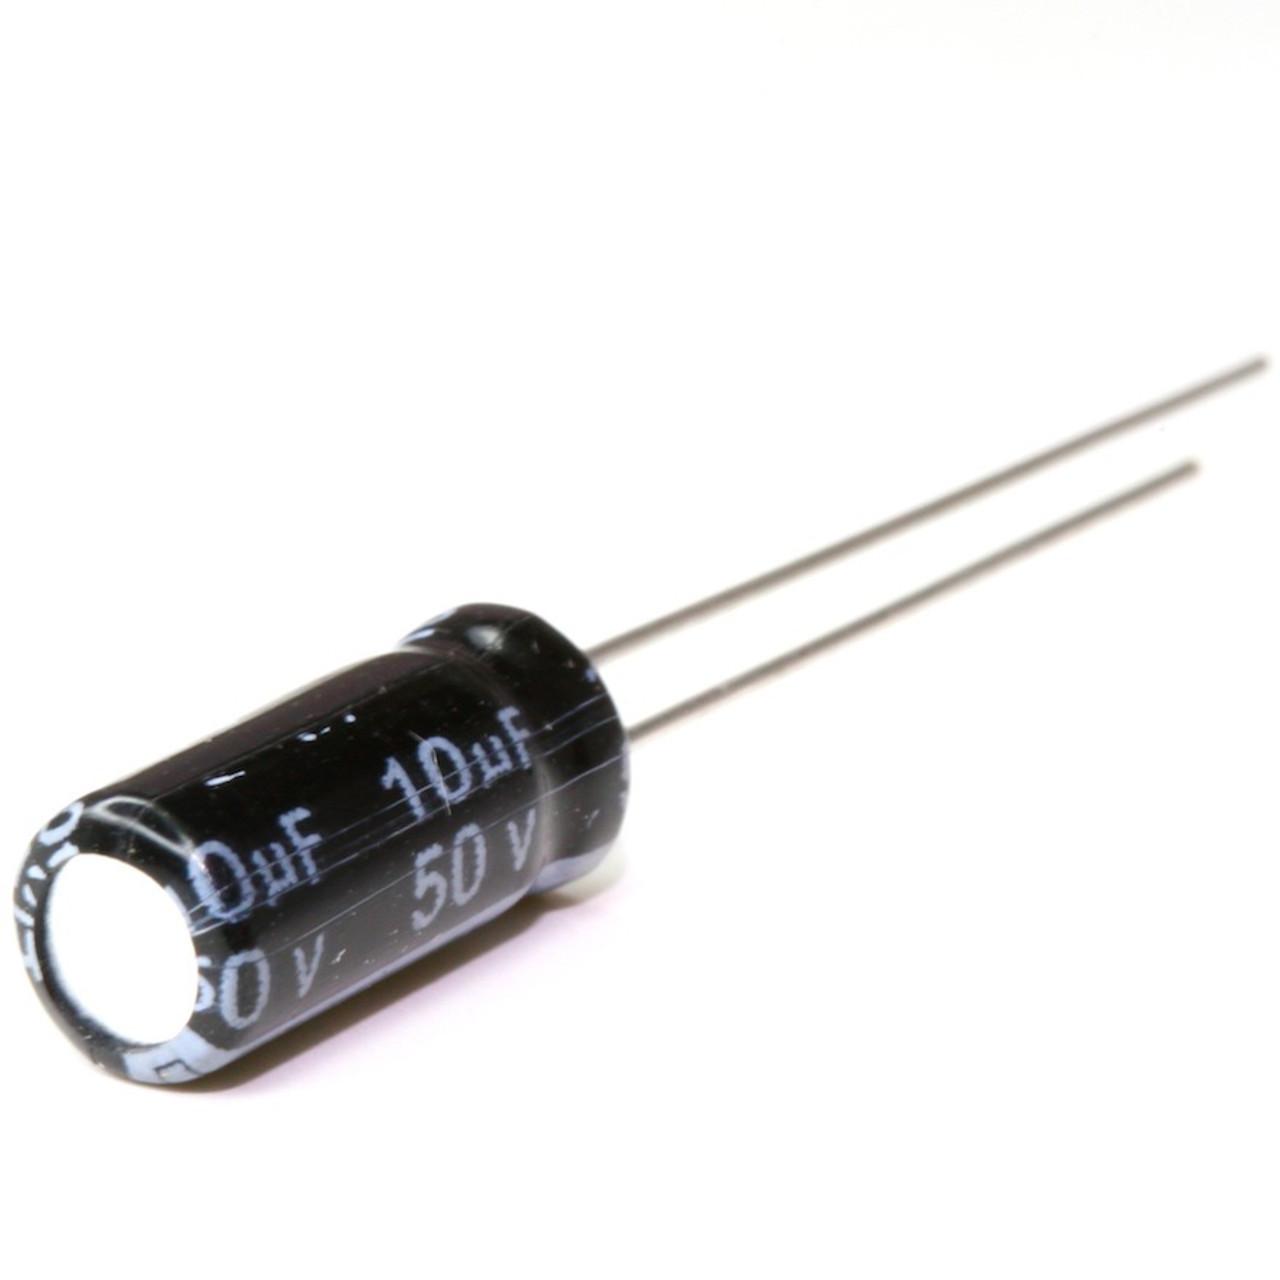 Capacitor - Radial Electrolytic 25V-50V (choose value)